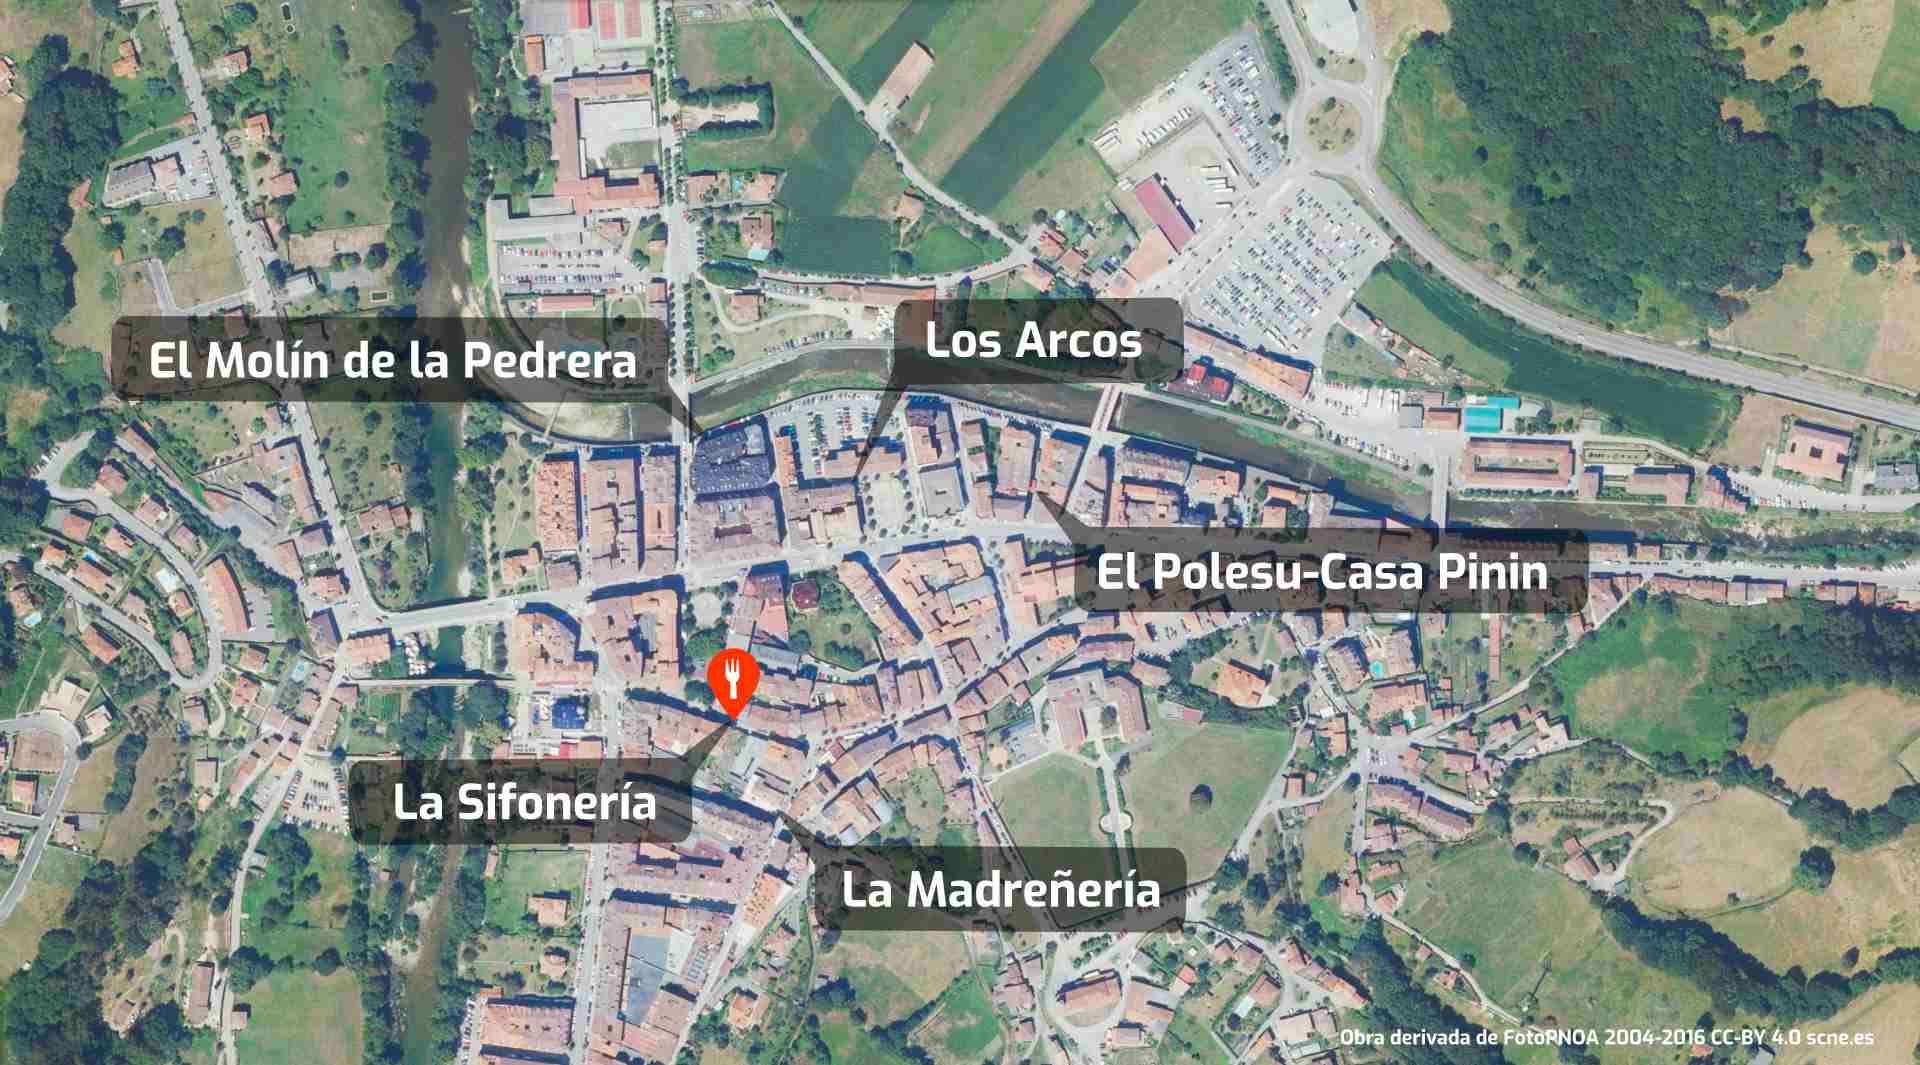 Mapa de cómo llegar al restaurante sidrería La Sifonería, Cangas de Onís, Asturias